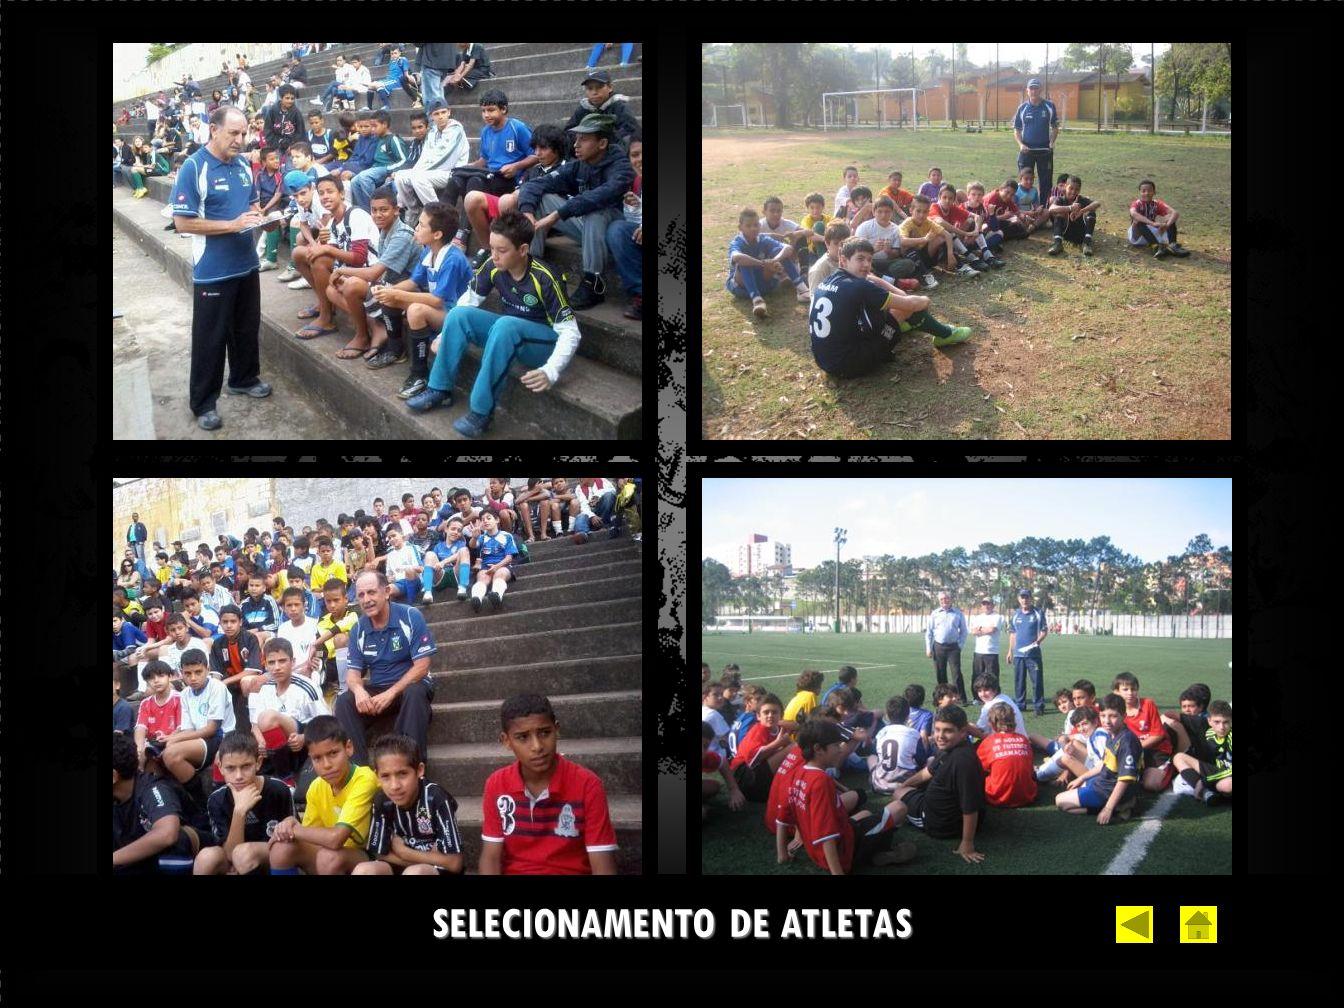 SELECIONAMENTO DE ATLETAS